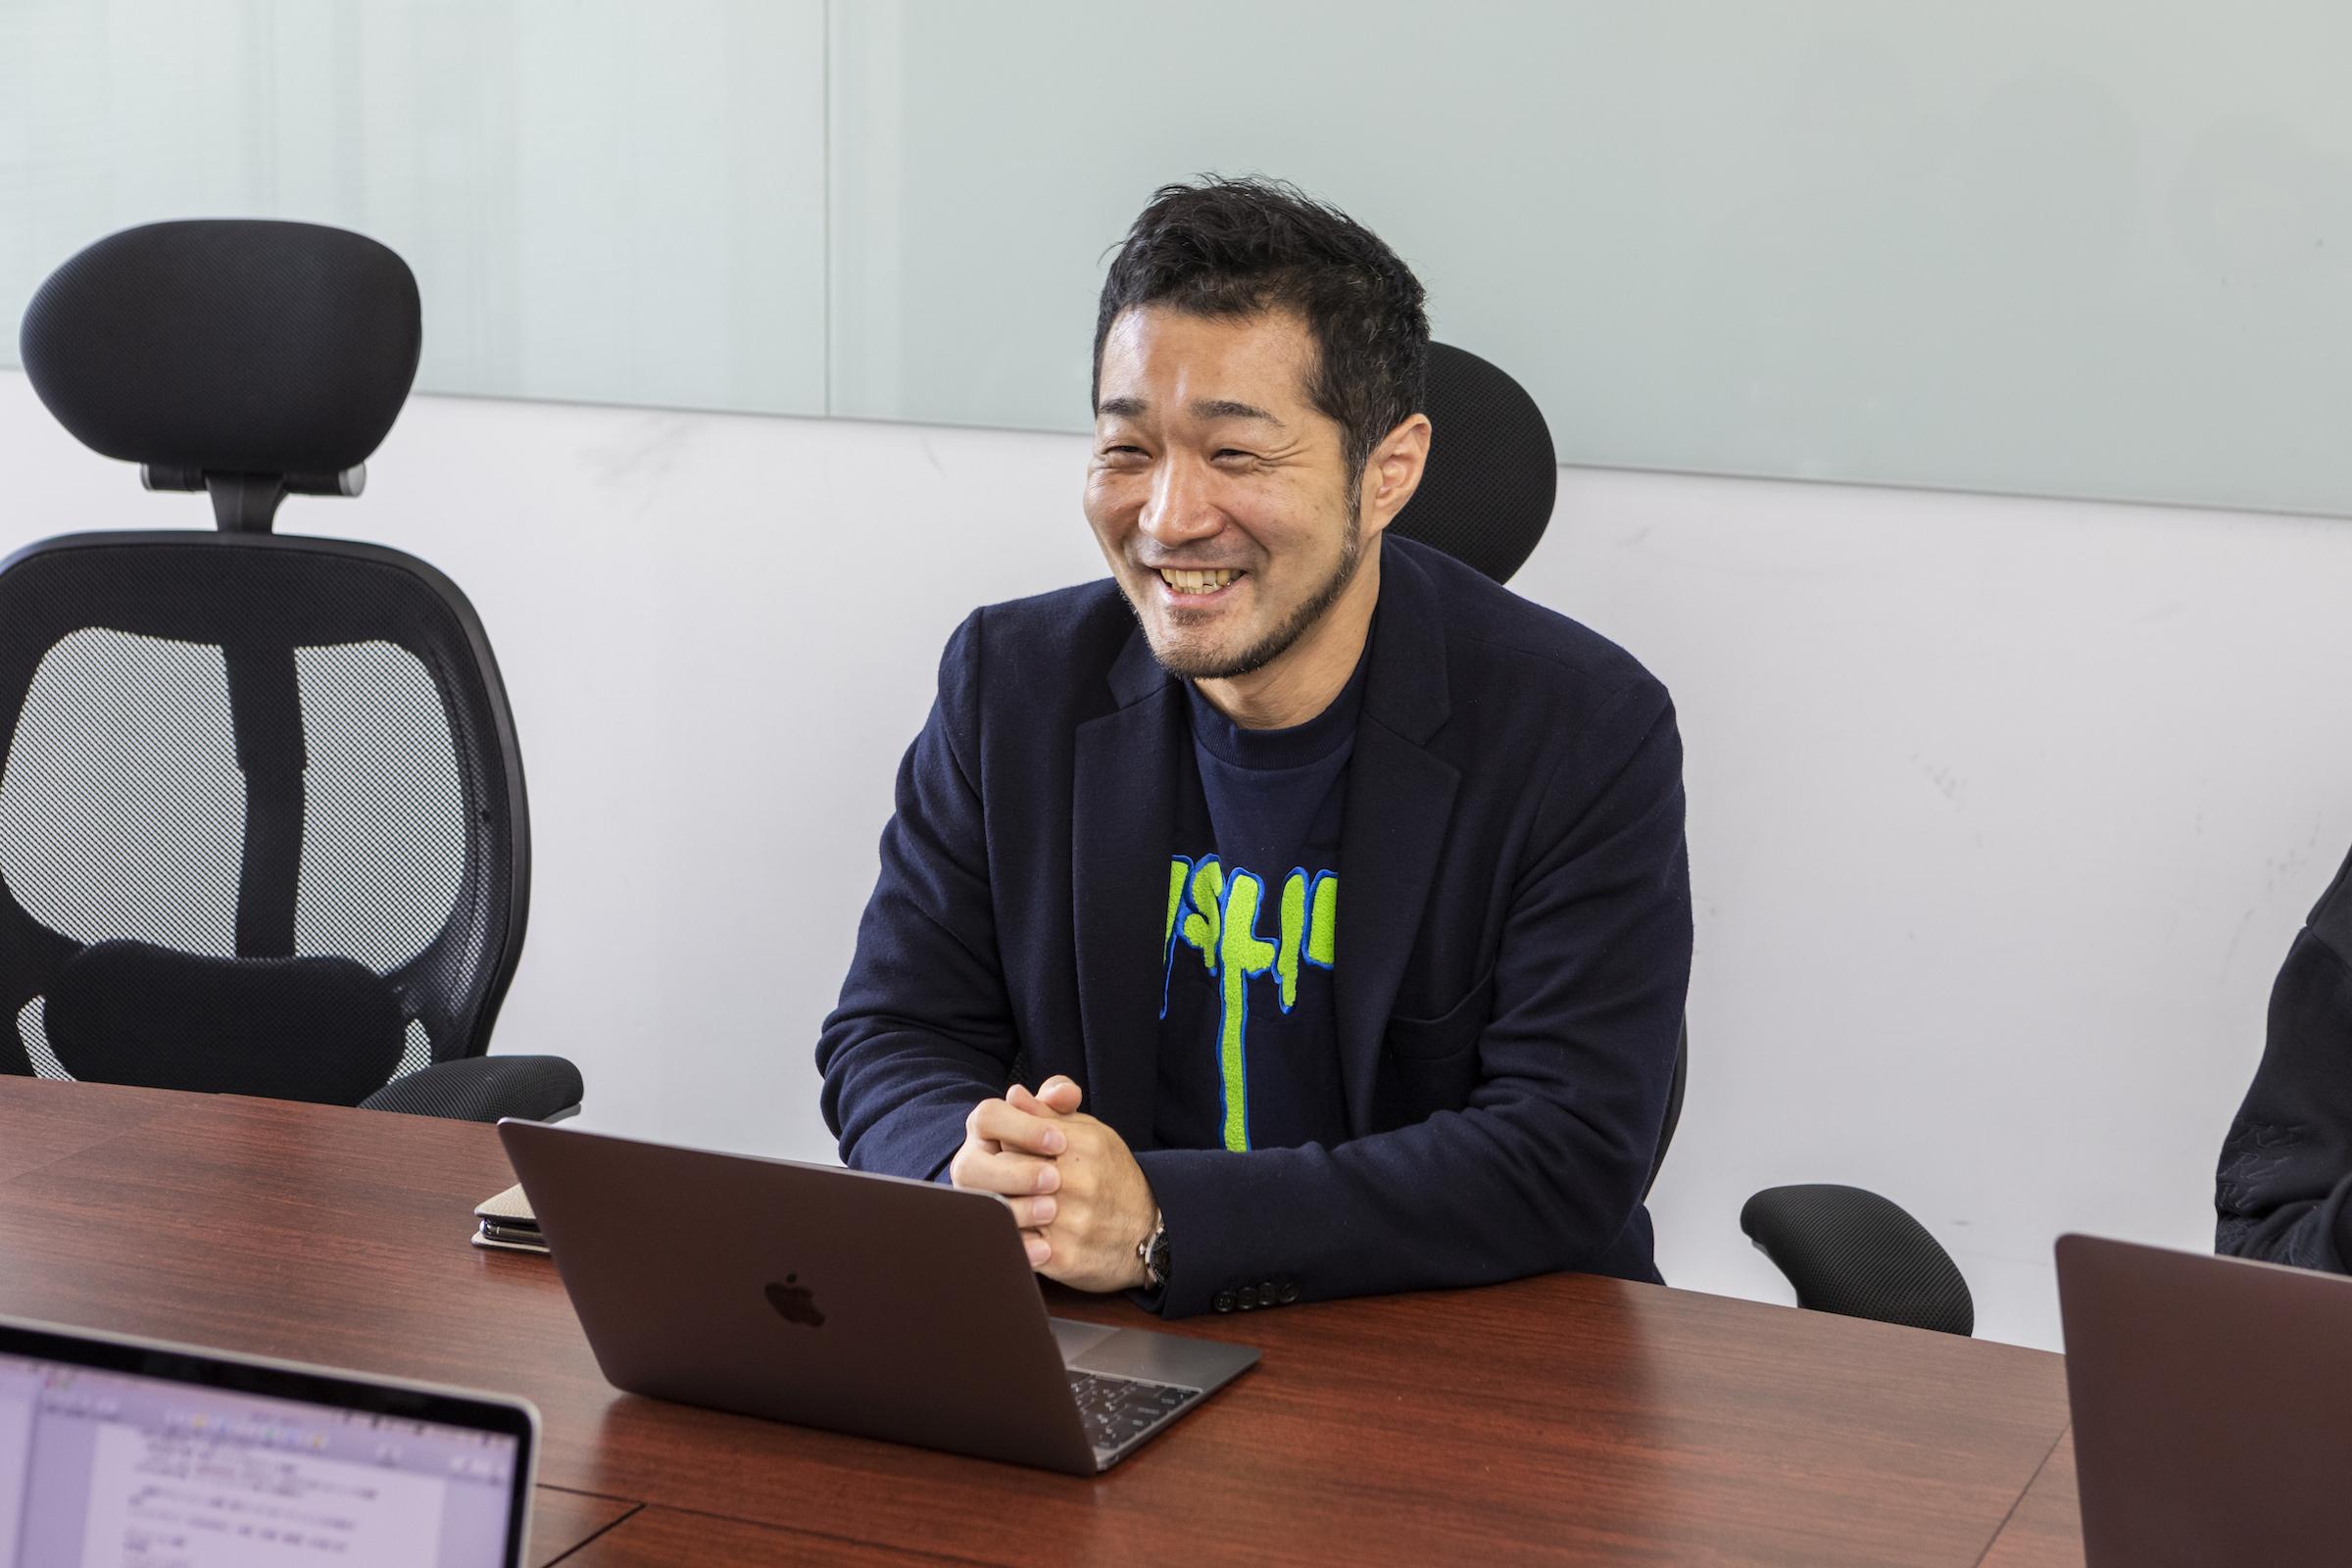 株式会社ベガコーポレーション 浮城 智和さんさん